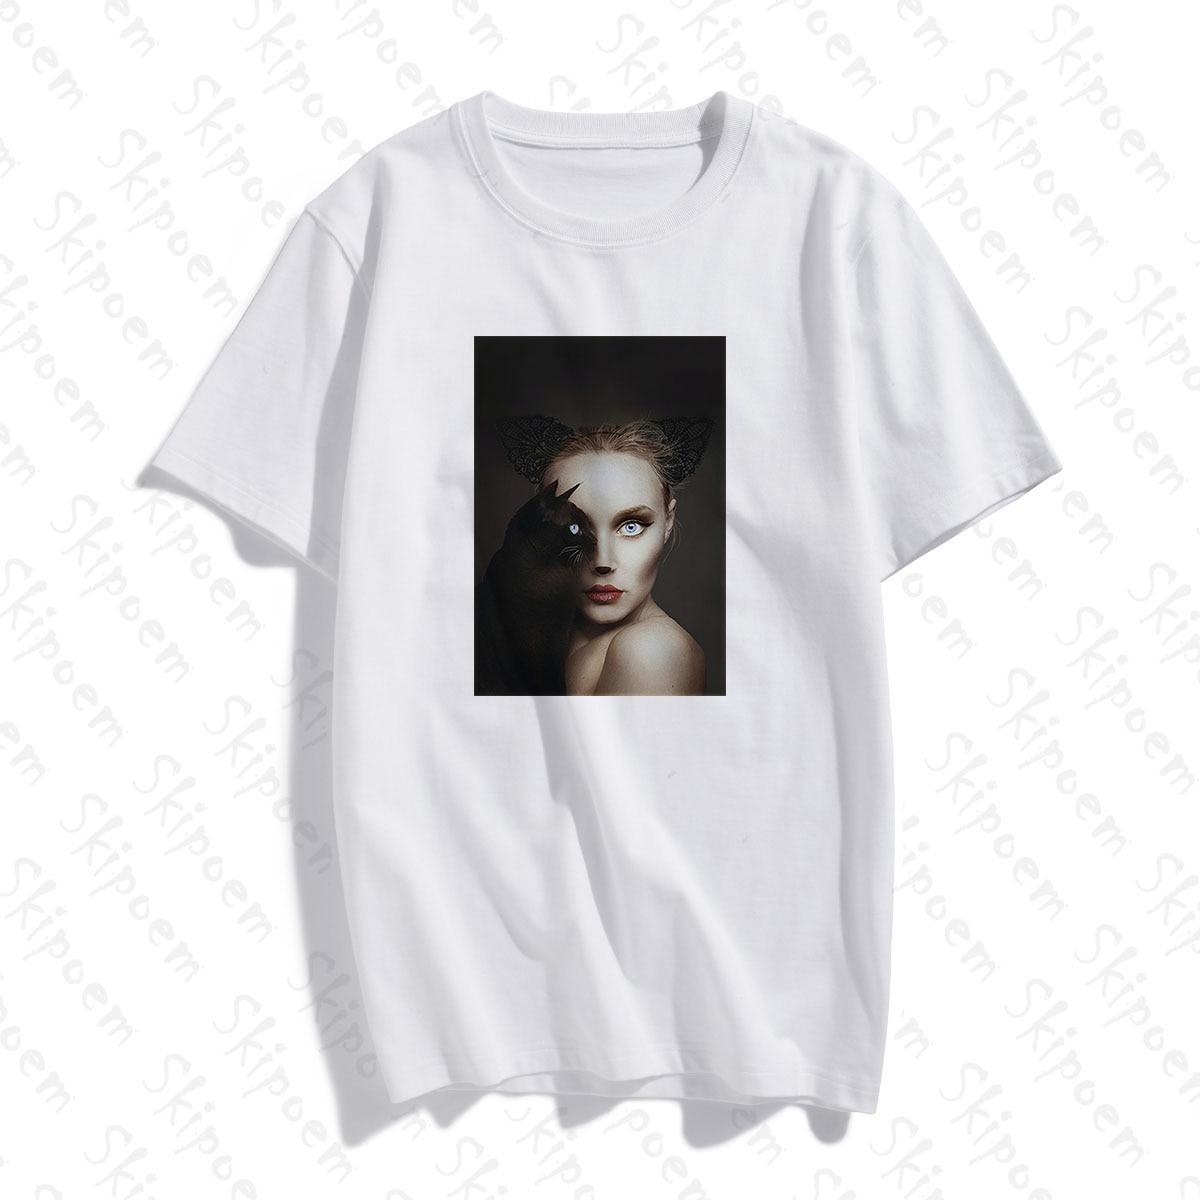 Nueva Camiseta de algodón divertida a la moda gato negro con camiseta de manga corta y camisetas de moda marca Casual